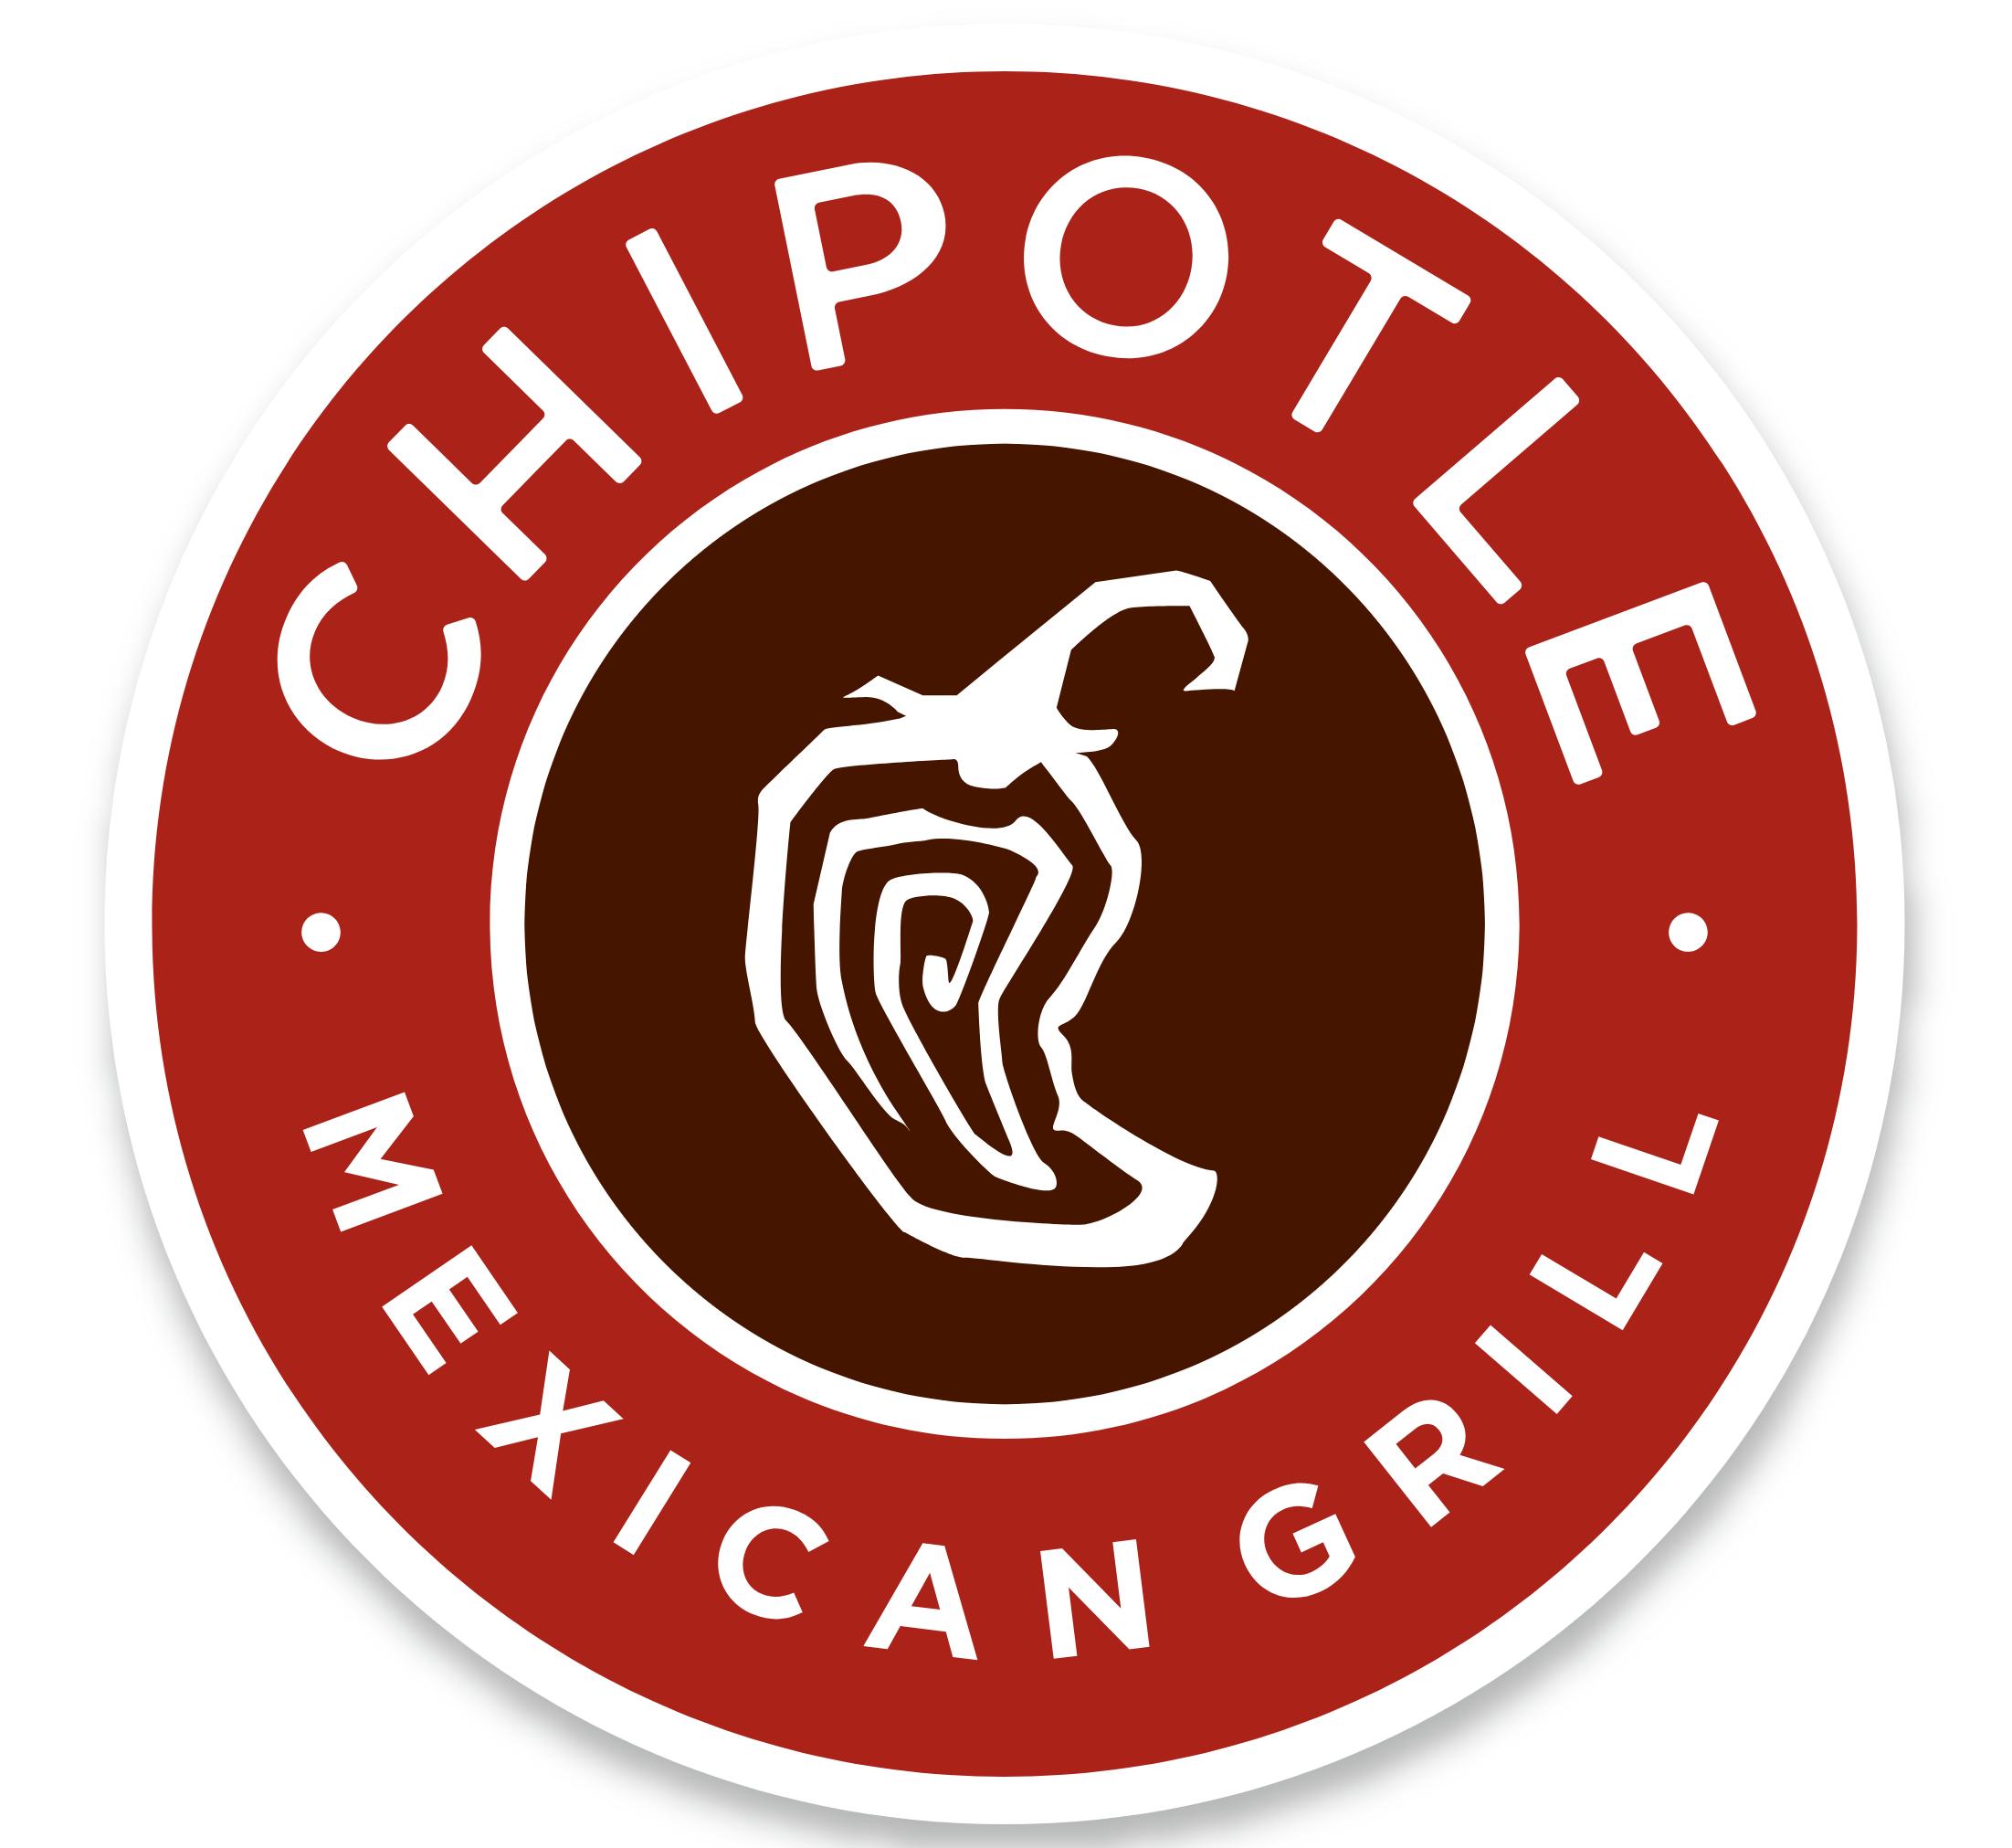 1 Burrito/Tacos/Salade acheté = 1 offert chez Chipotle